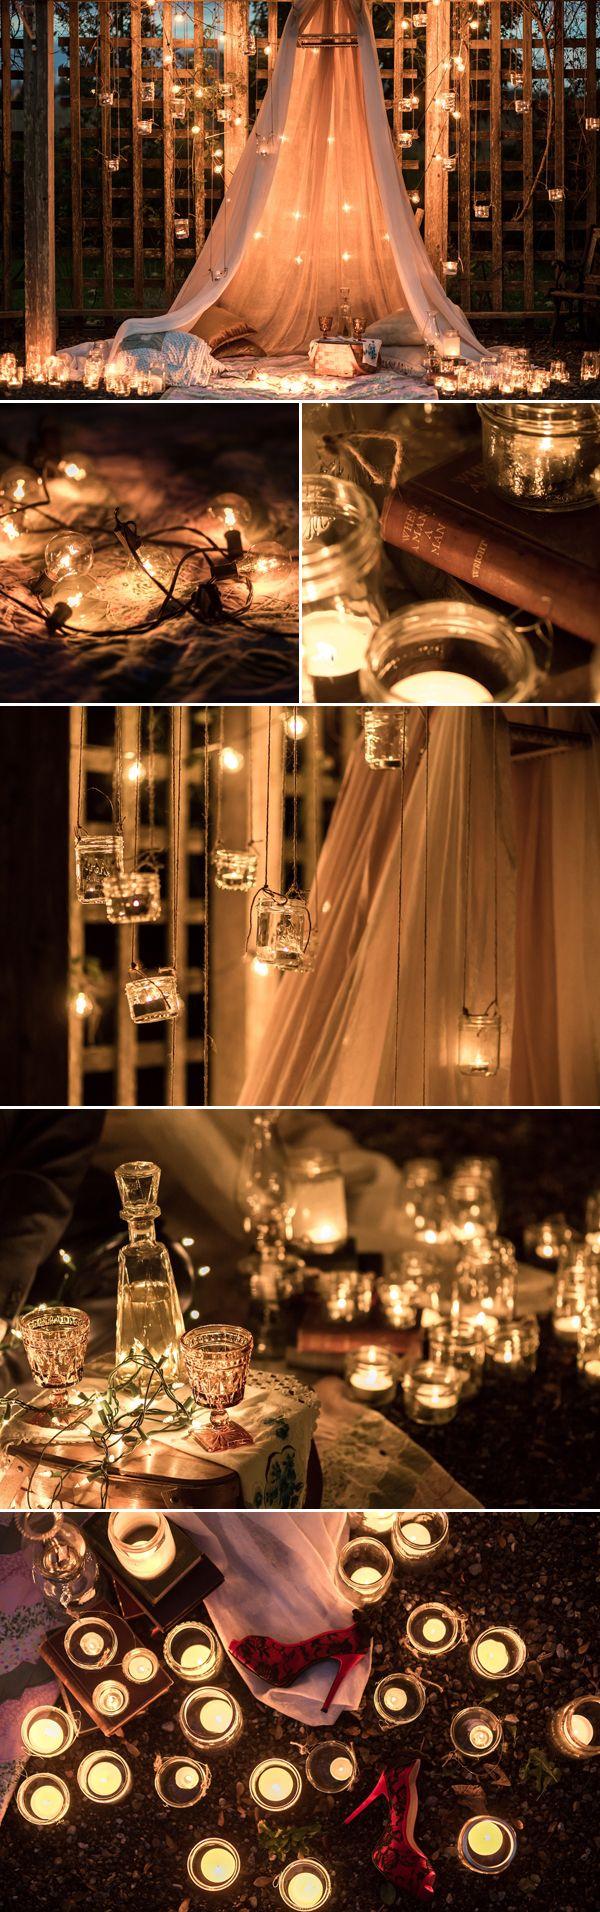 Best 25+ Romantic dinner setting ideas on Pinterest | Sunrise ...